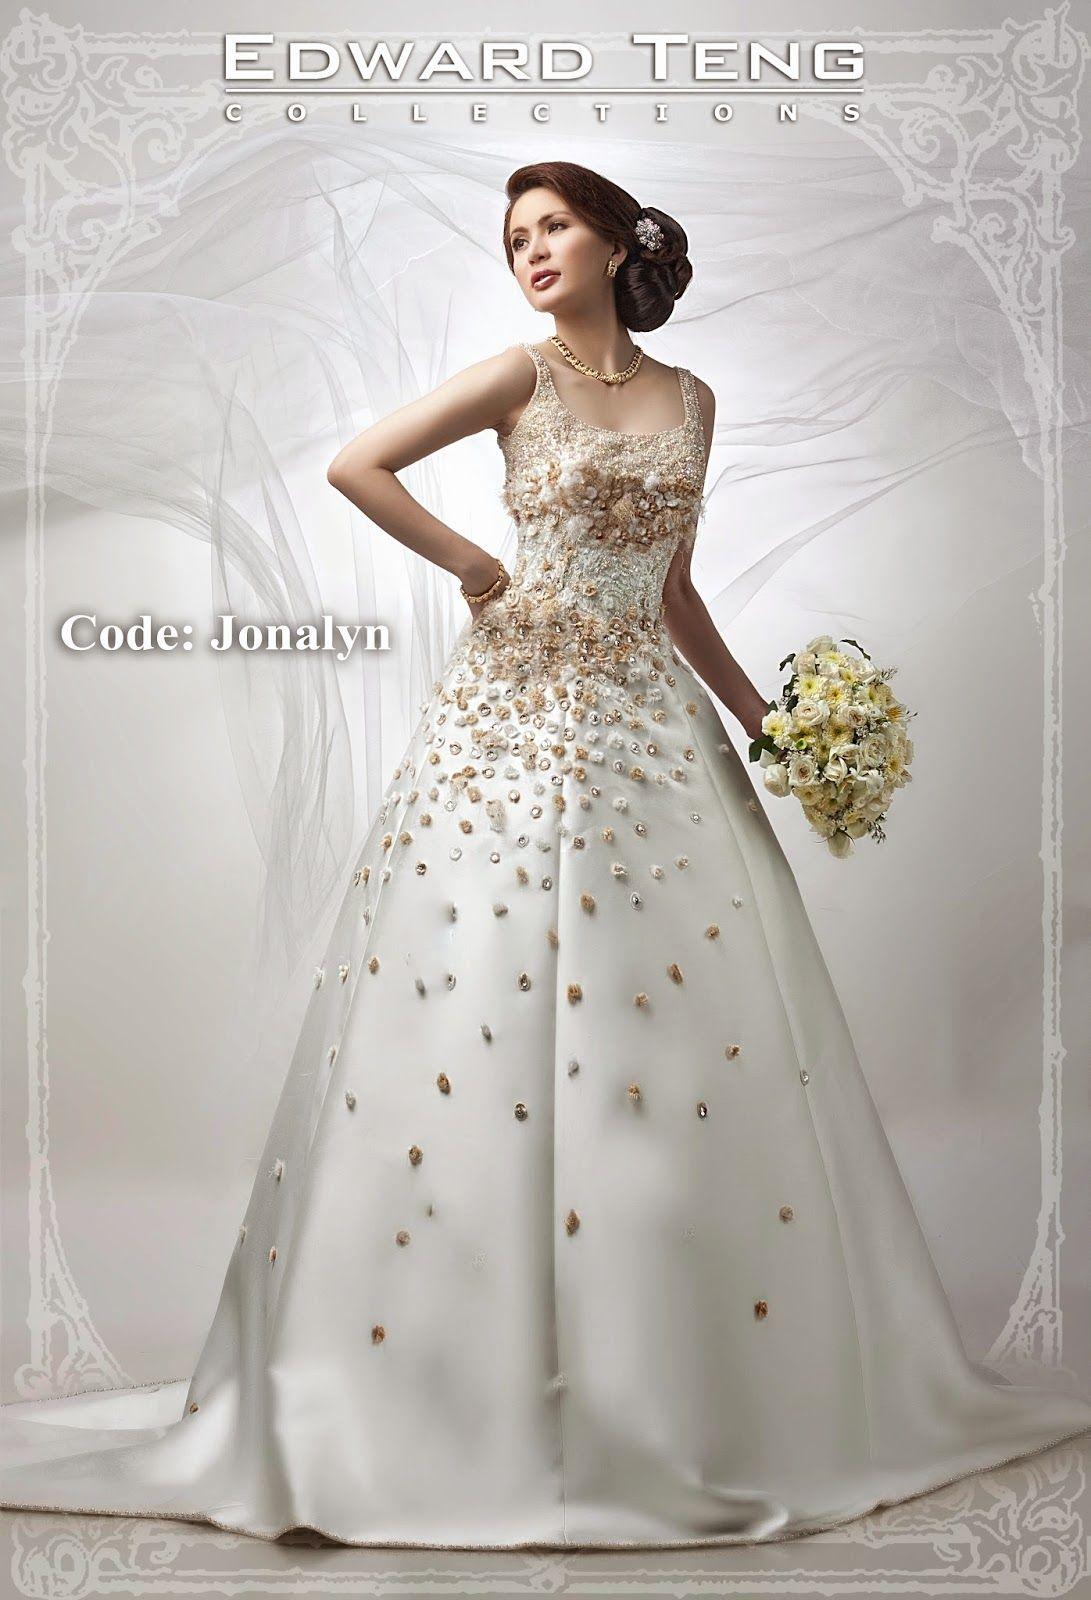 edward teng | philippines wedding gown designer | Pinterest ...